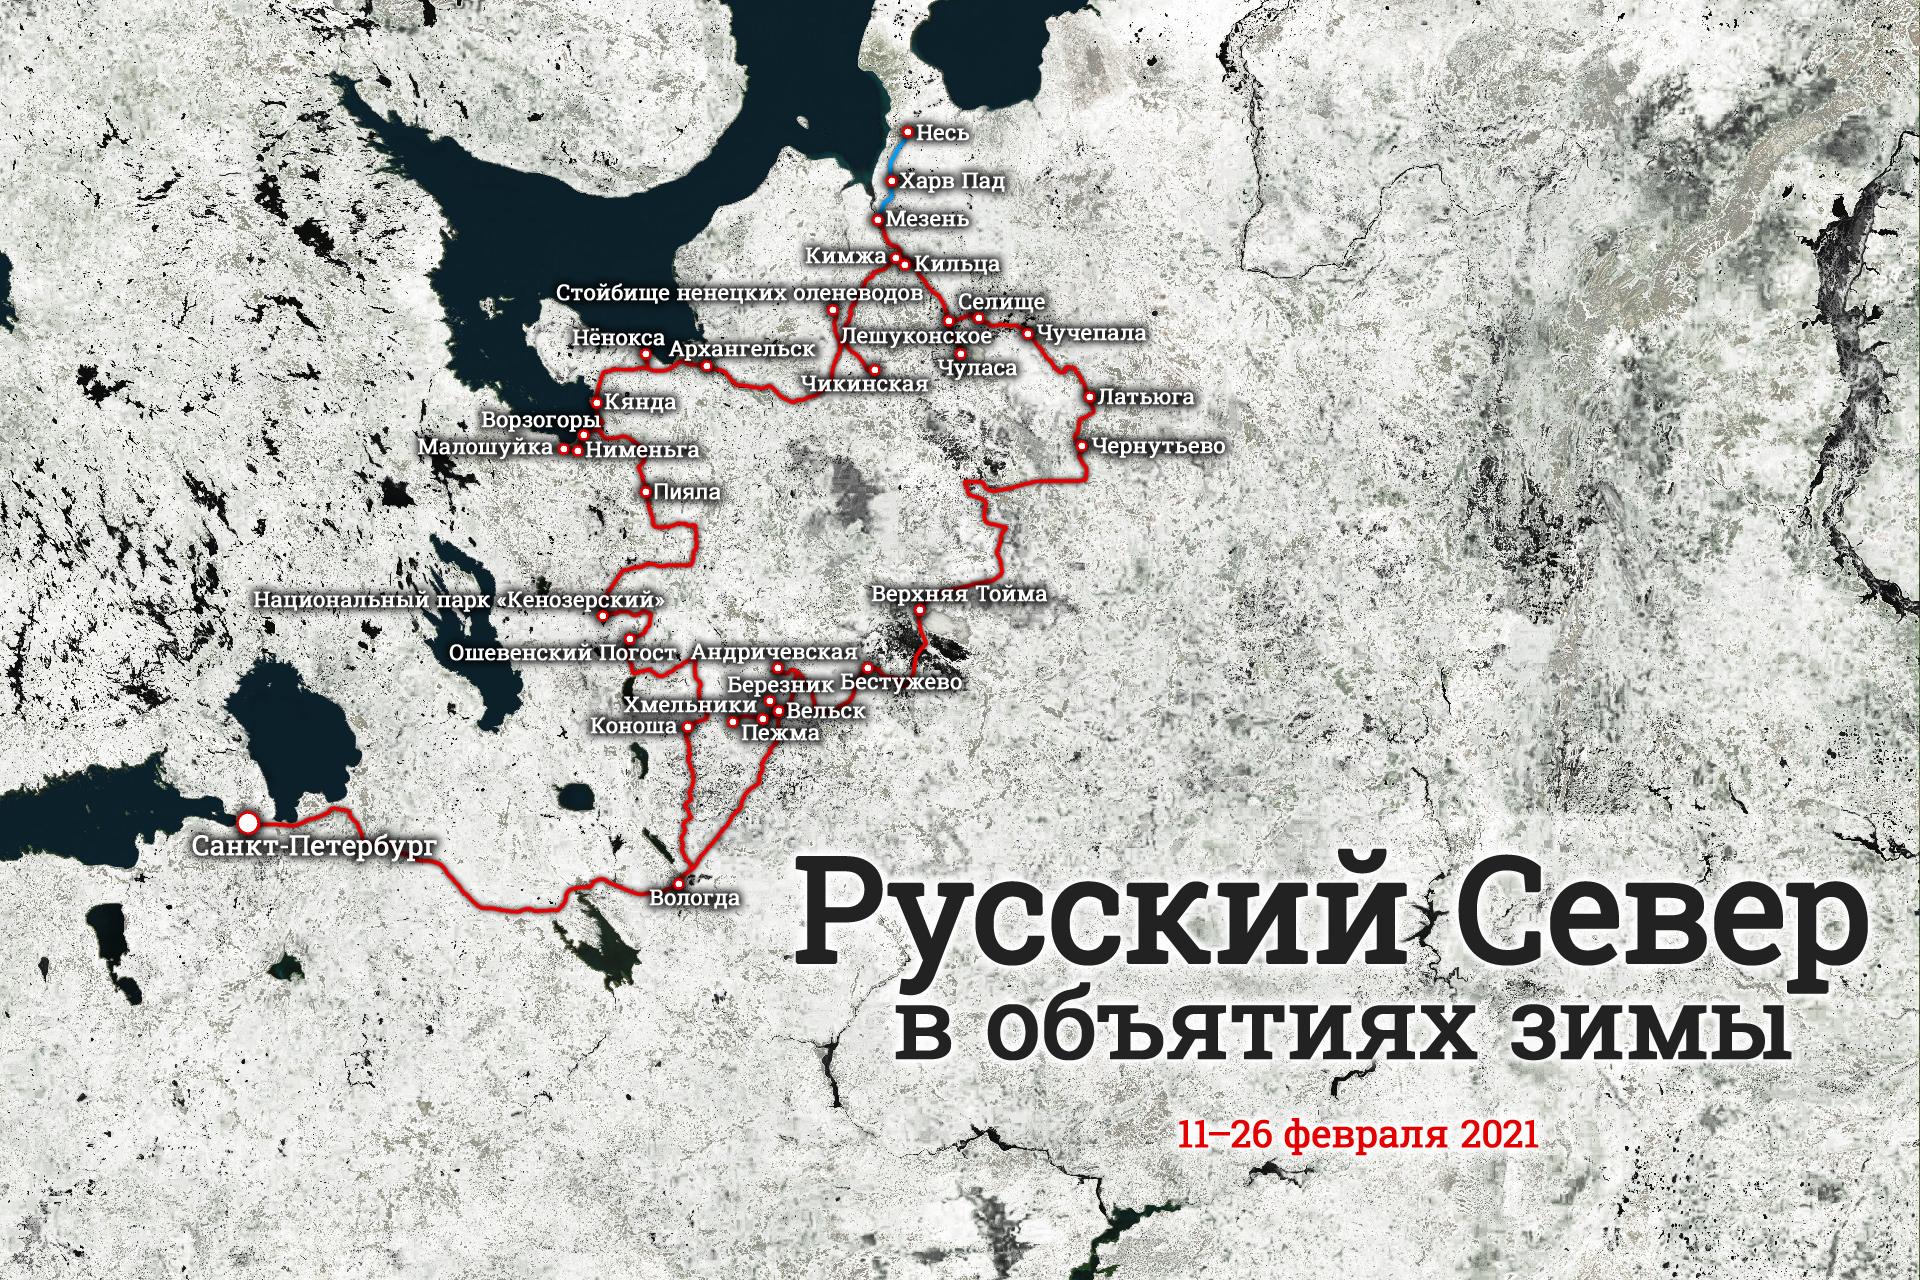 Русский Север в объятиях зимы. Старт!